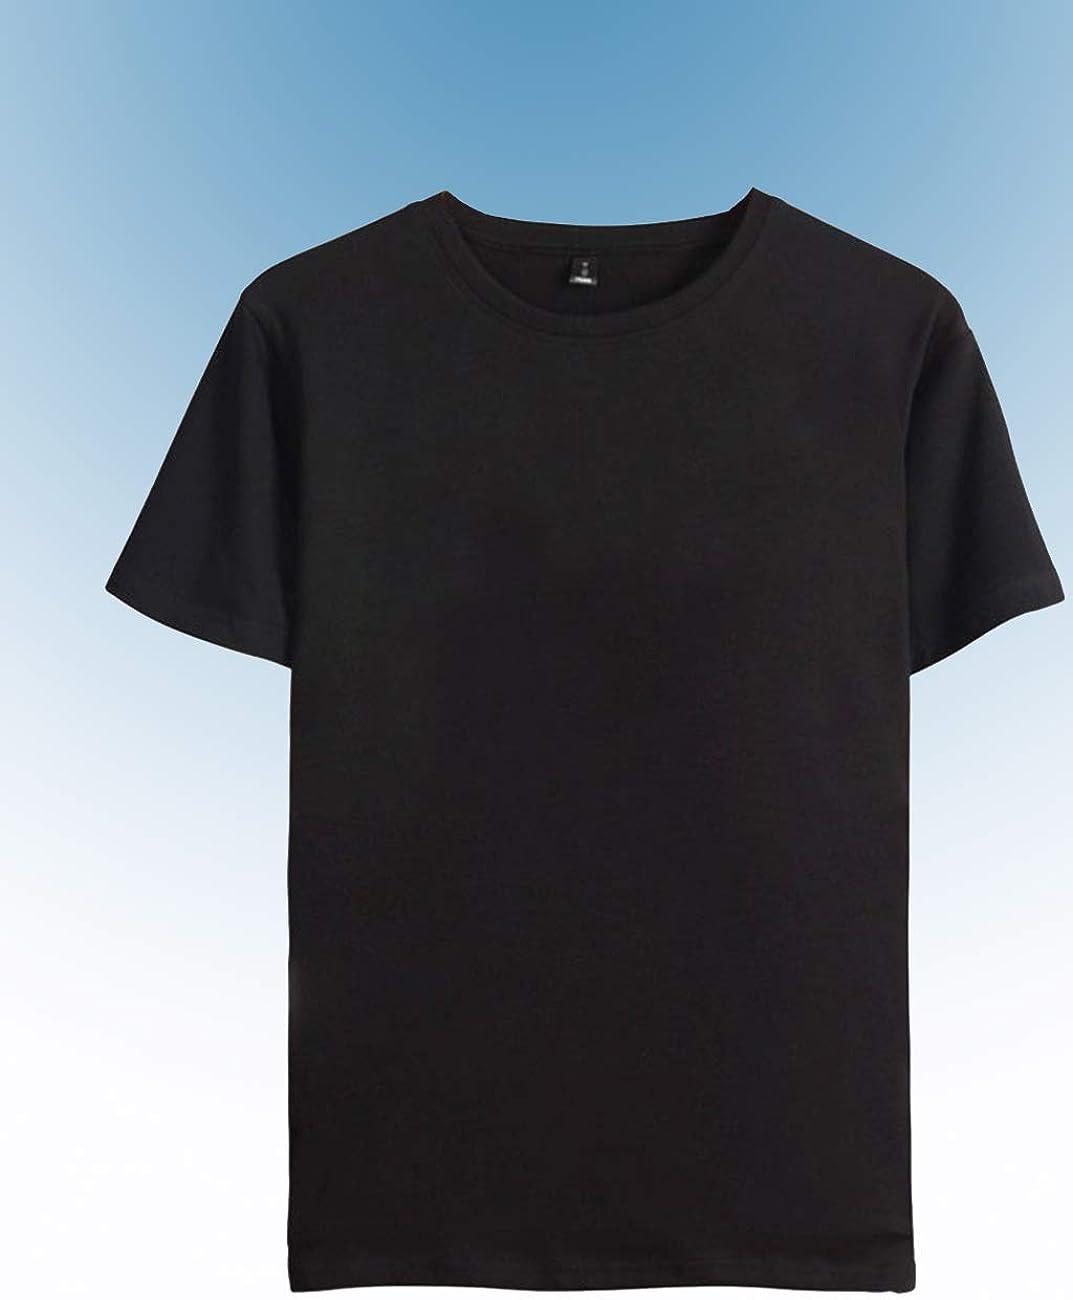 Nur Noch Rine Runde Dann H/ör Ich Auf T-Shirt Gamer Herren Damen Zocker Tshirts Unisex Jungen M/ädchen Kurzarm T-Shirts Tops Pullover Nur Noch Rine Runde Dann H/ör Ich Auf Shirt Kinder